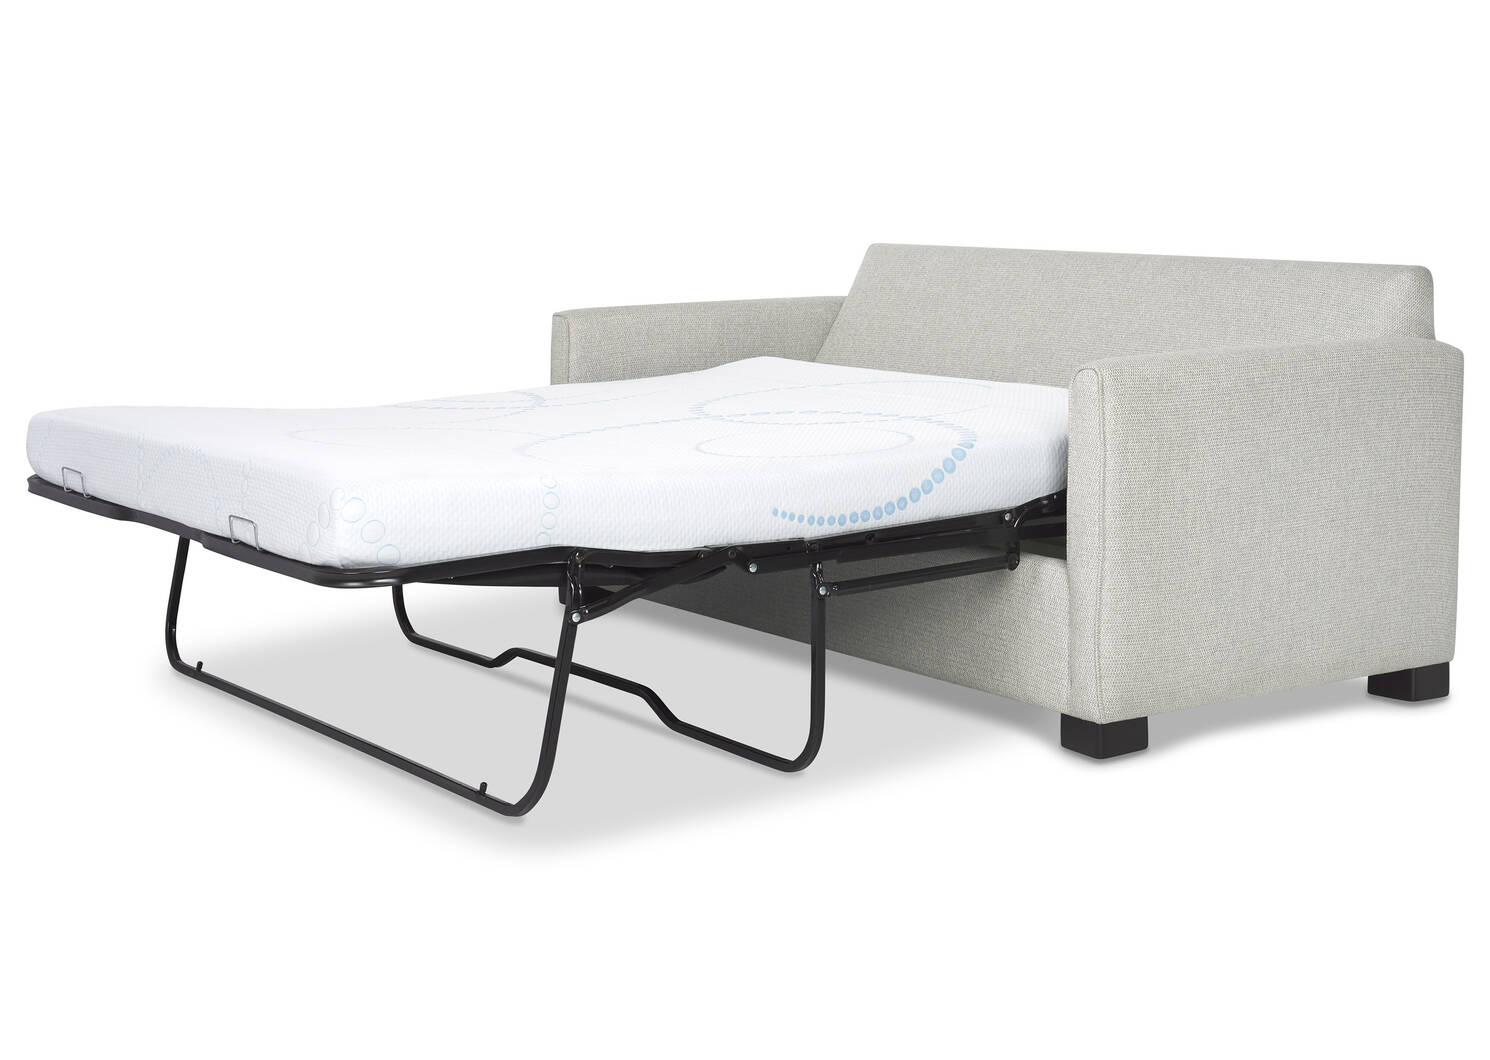 Canapé-grand lit Azure - Duchess sterlin